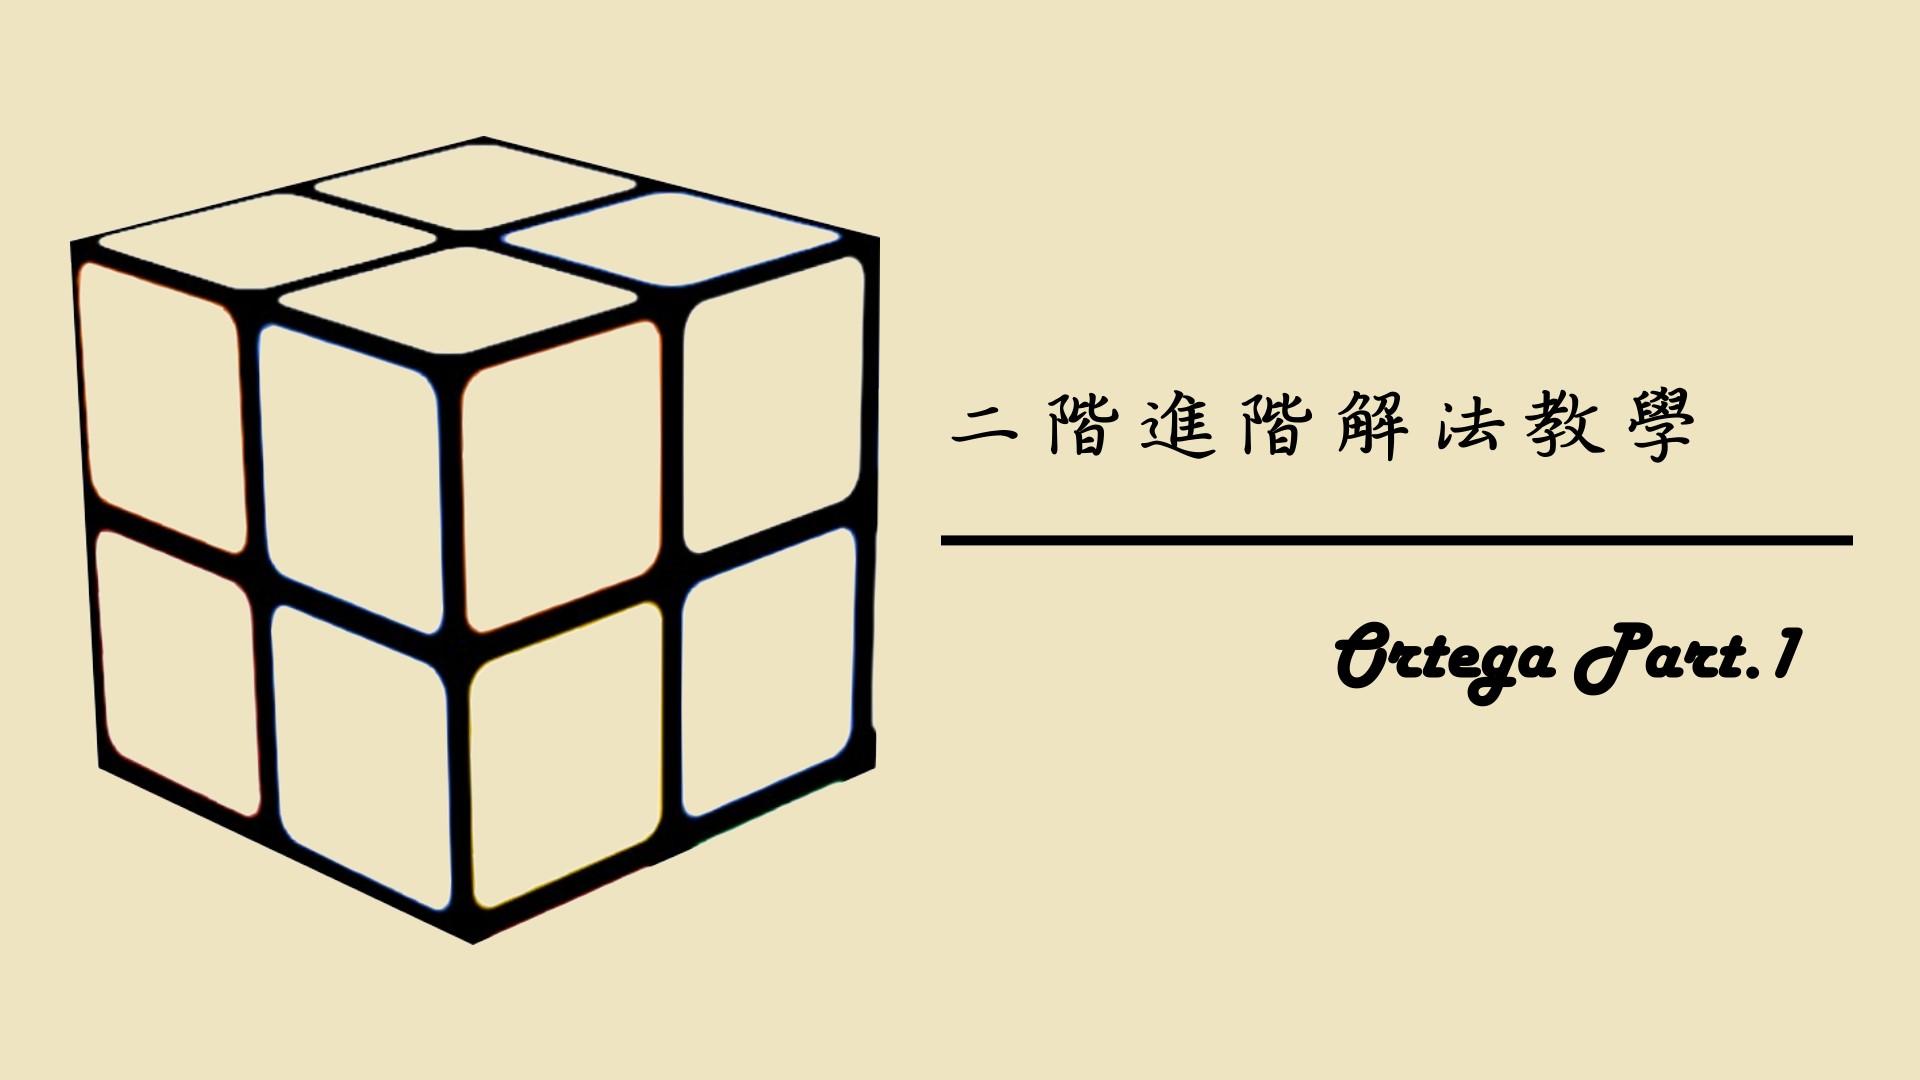 二階ortega魔術方塊解法教學 by 吐司